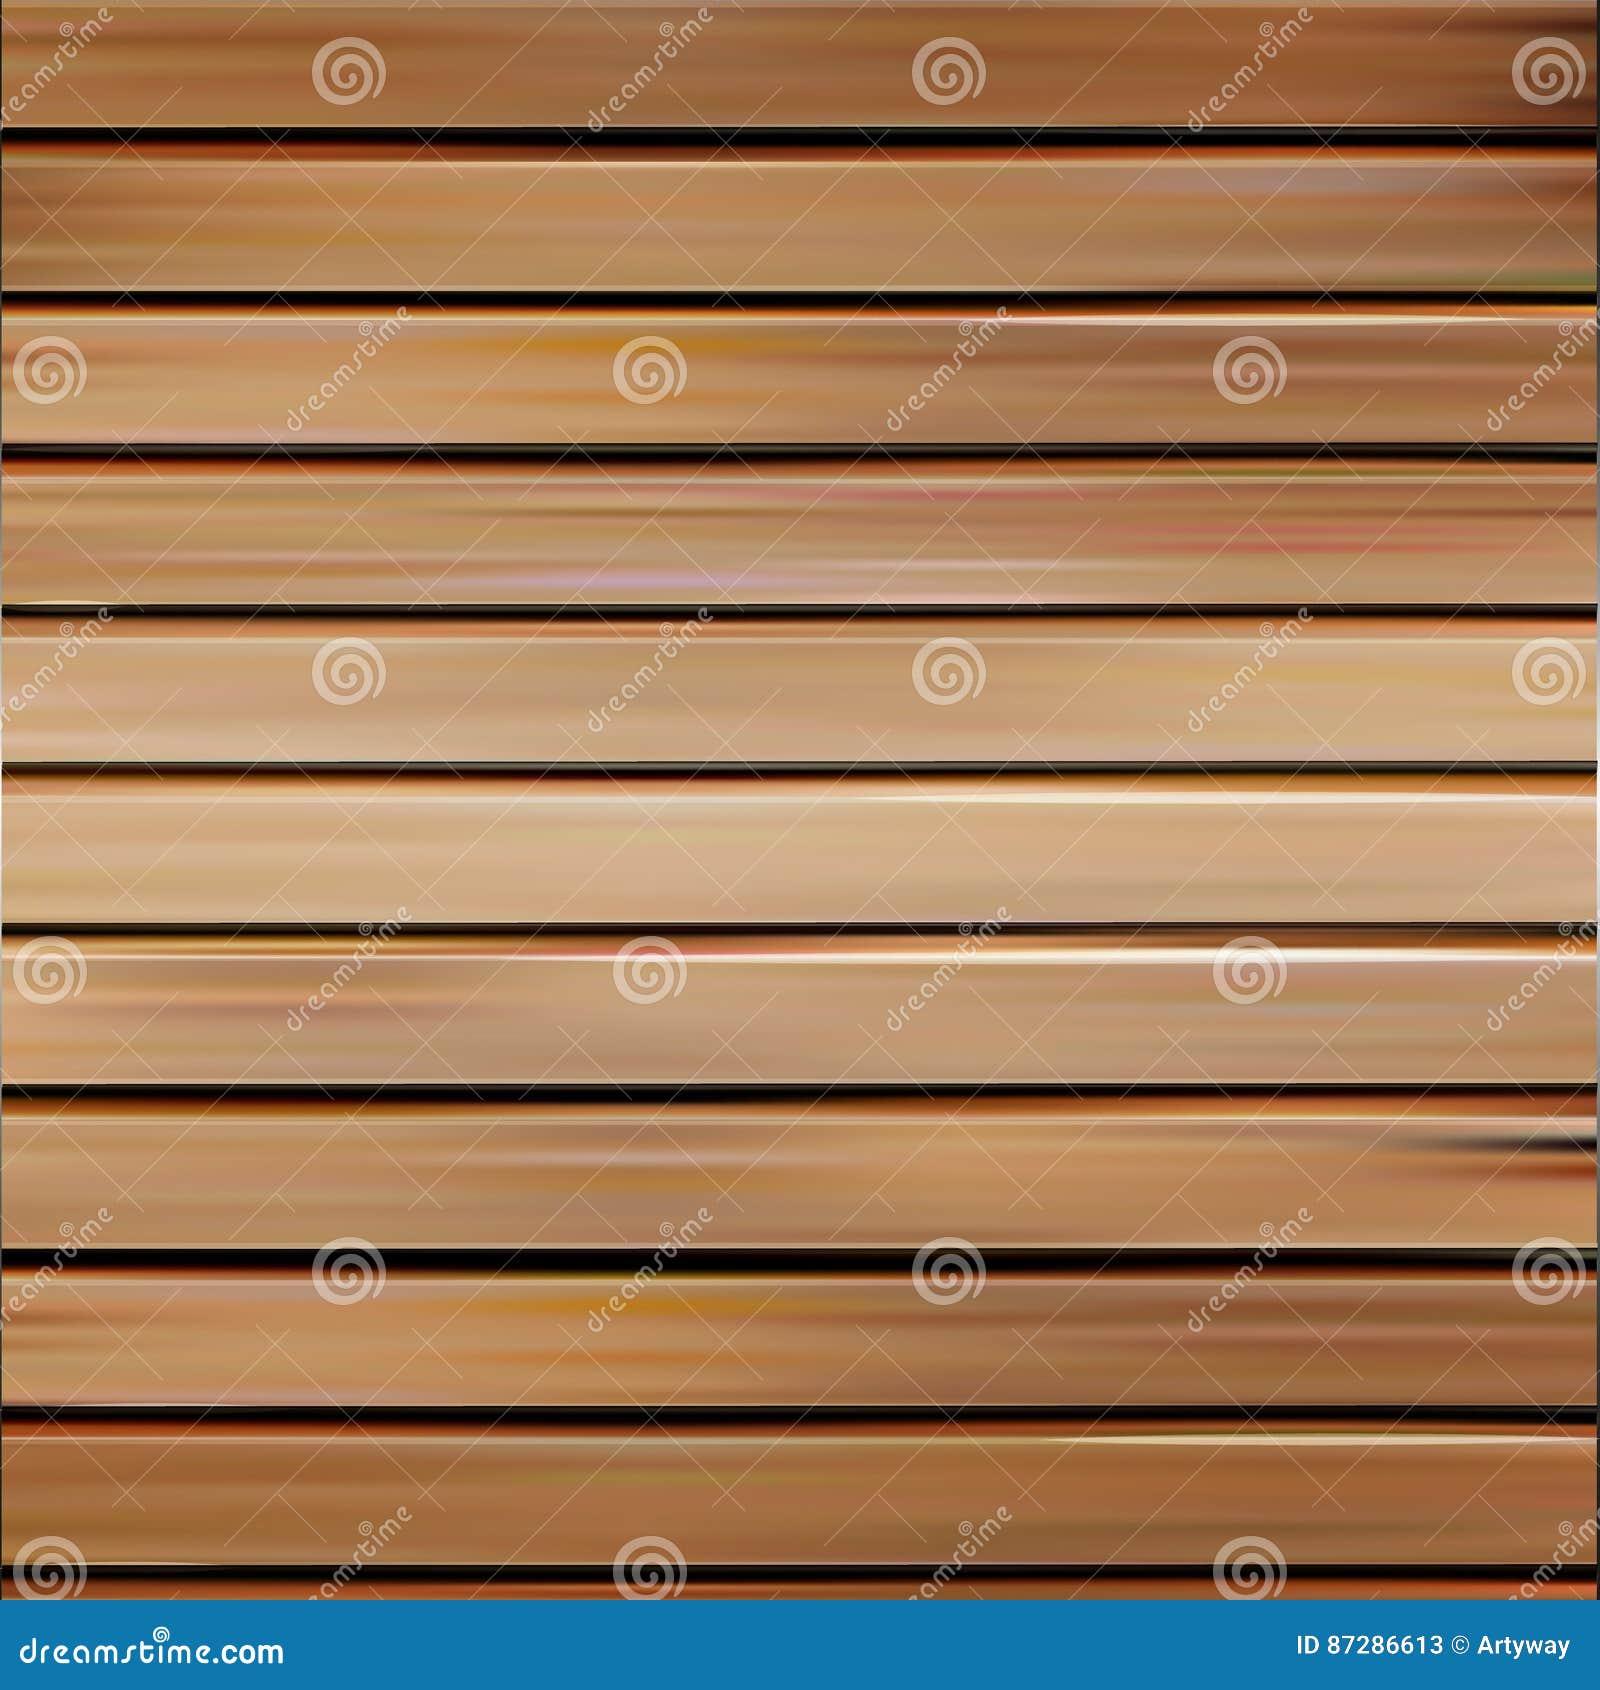 Απομονωμένη ρεαλιστική άνευ ραφής ξύλινη διανυσματική απεικόνιση σύστασης, οριζόντιο υπόβαθρο πινάκων